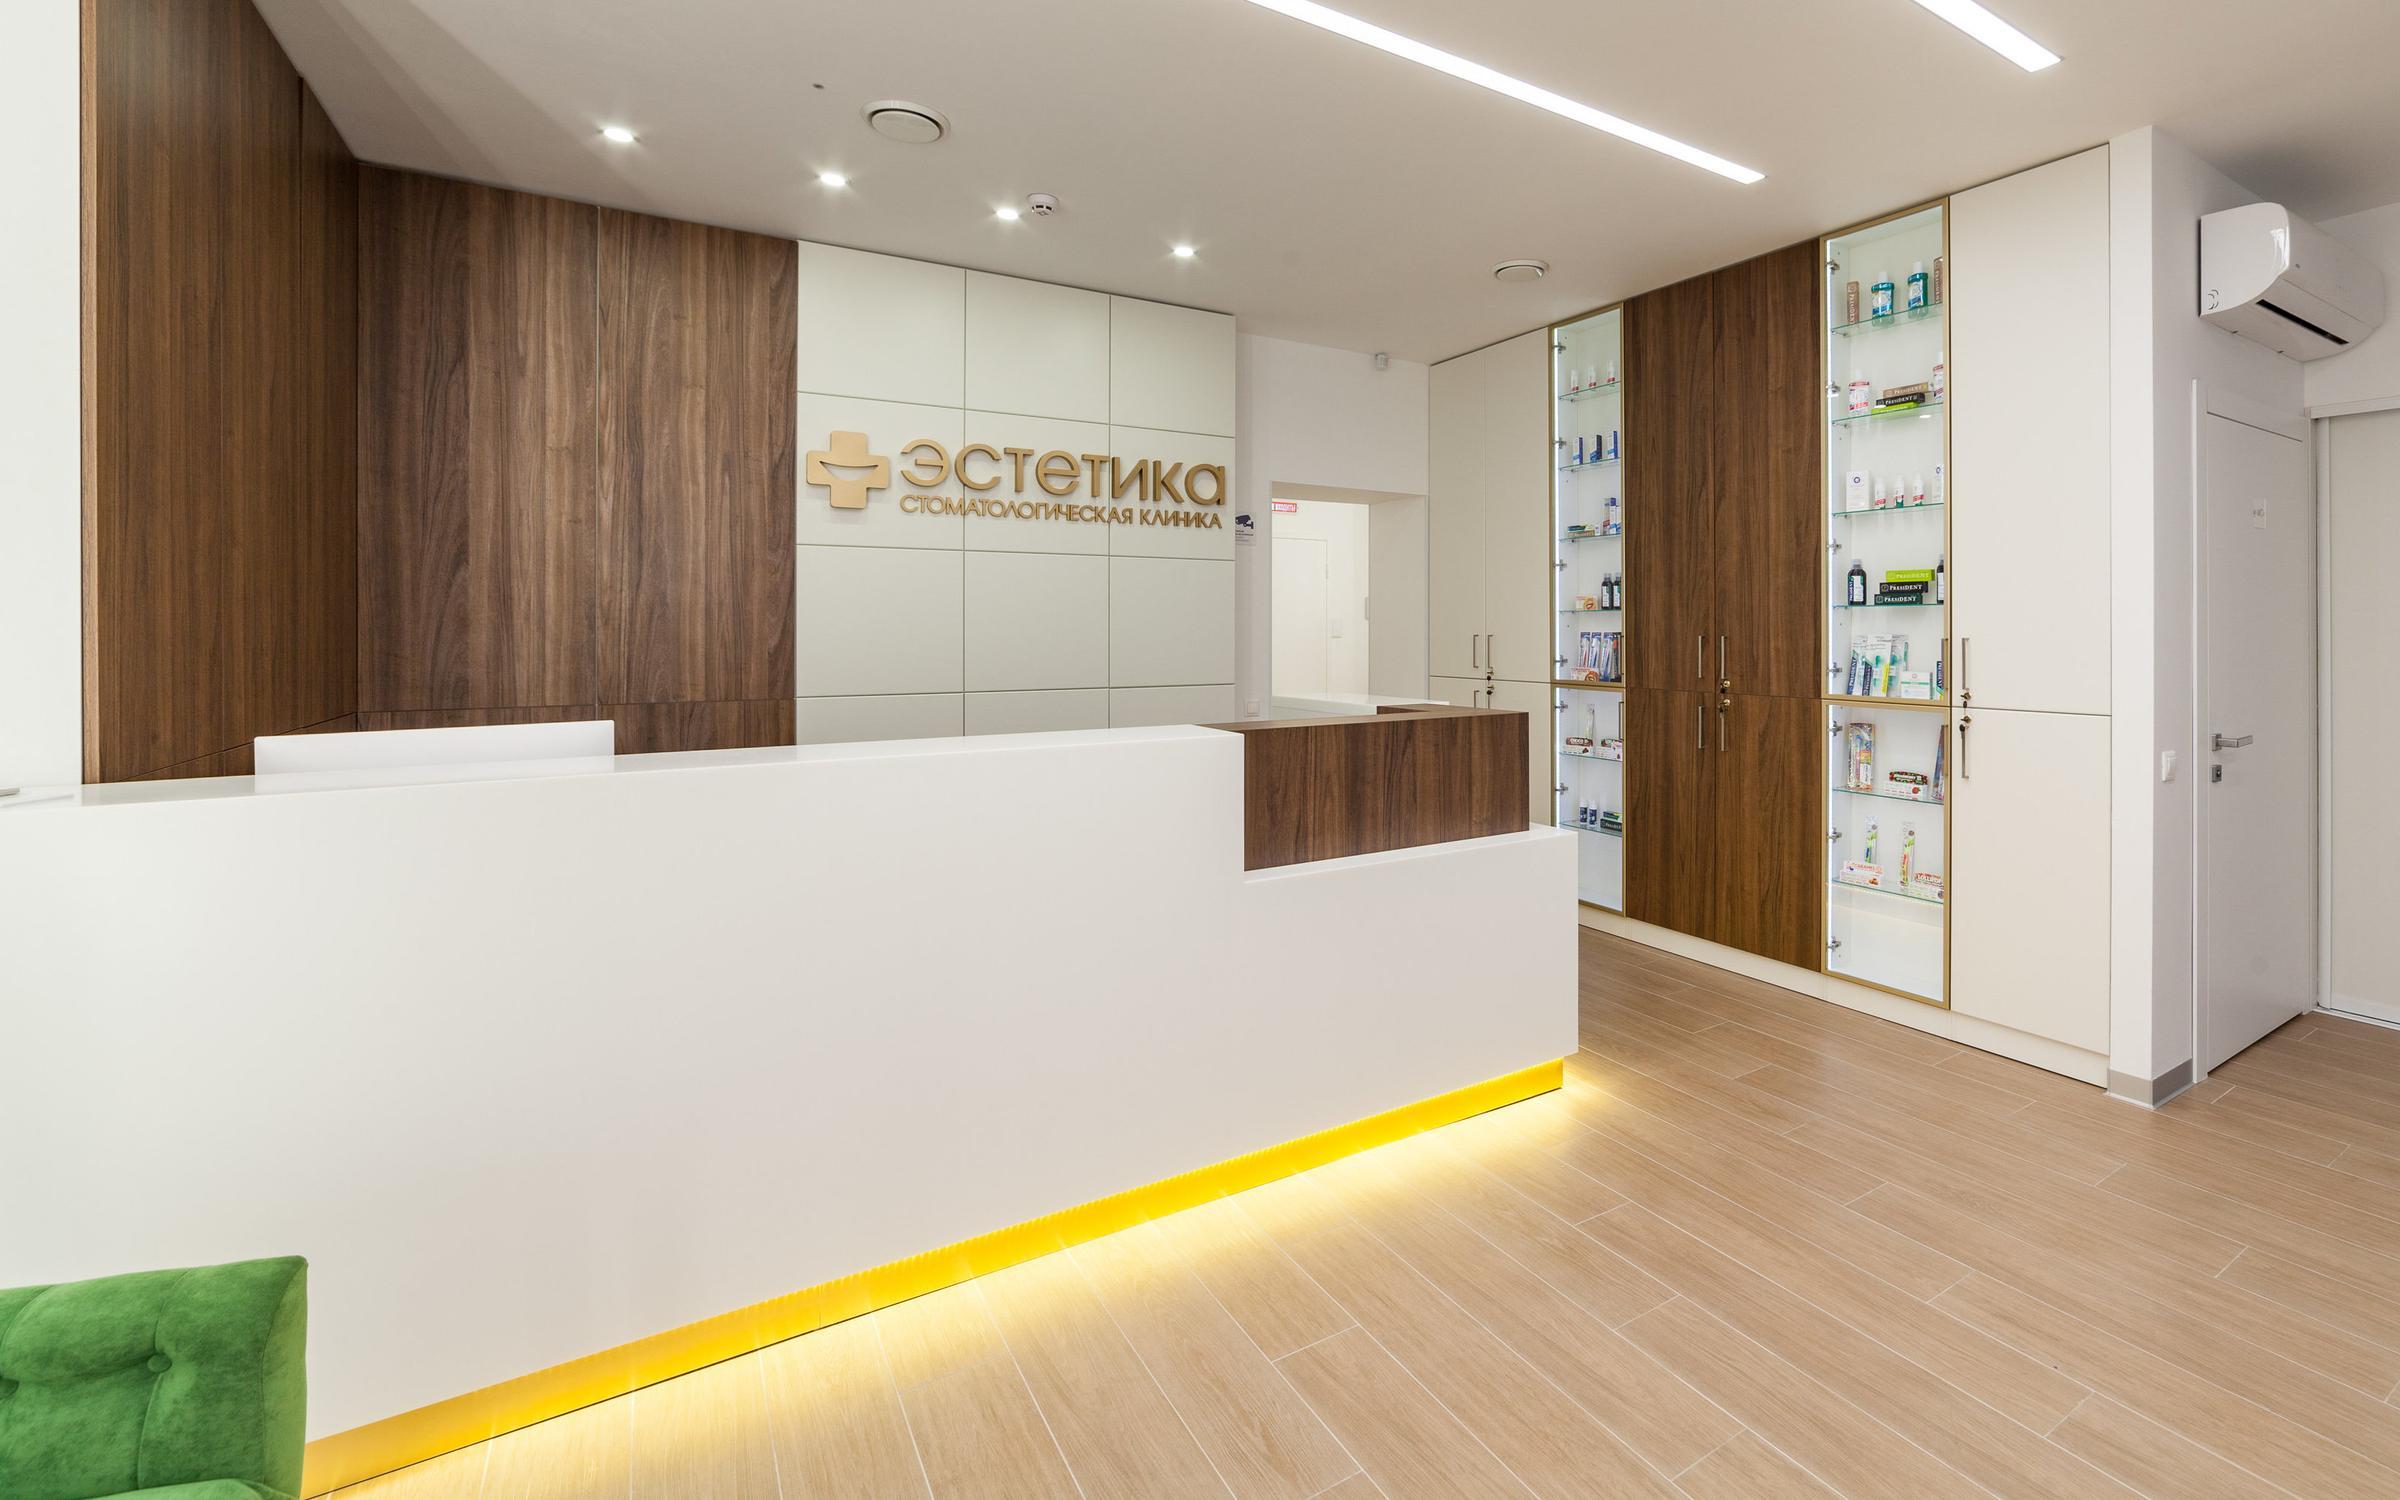 фотография Стоматологической клиники Эстетика на Вокзальной улице